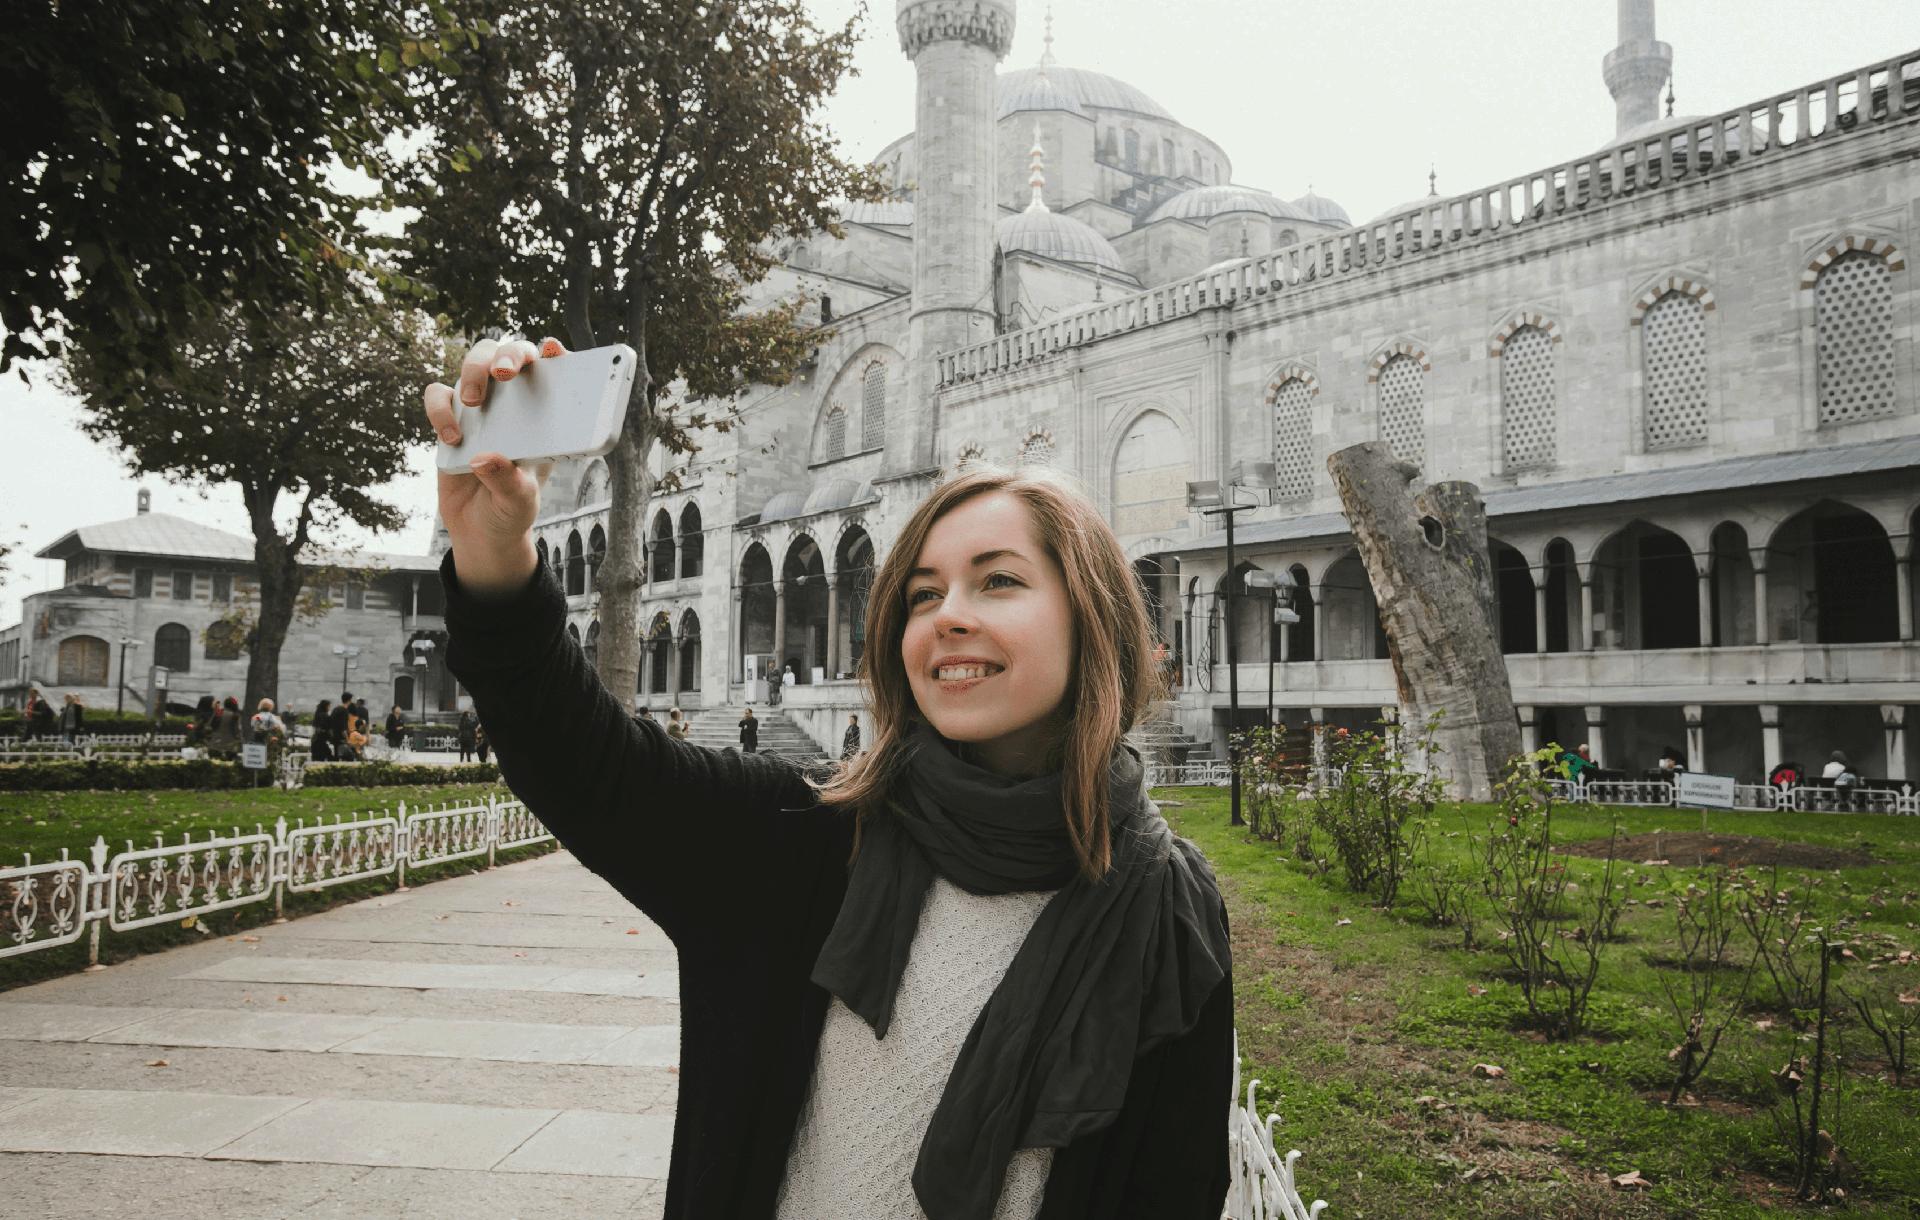 İstanbul'un En İyi Selfie Noktaları